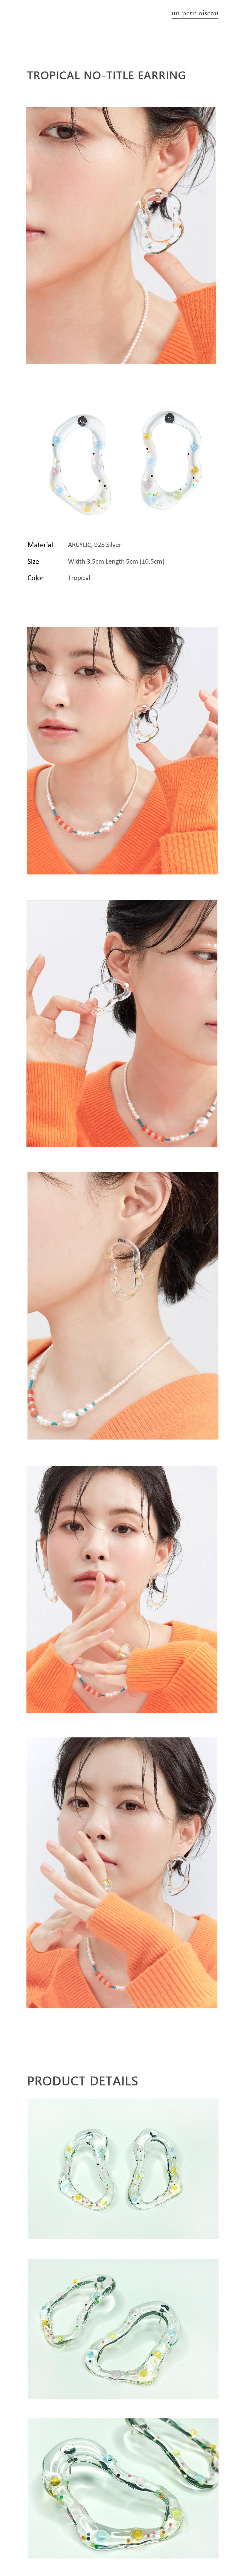 언쁘띠오이슈(UN PETIT OISEAU) Tropical-No title earring